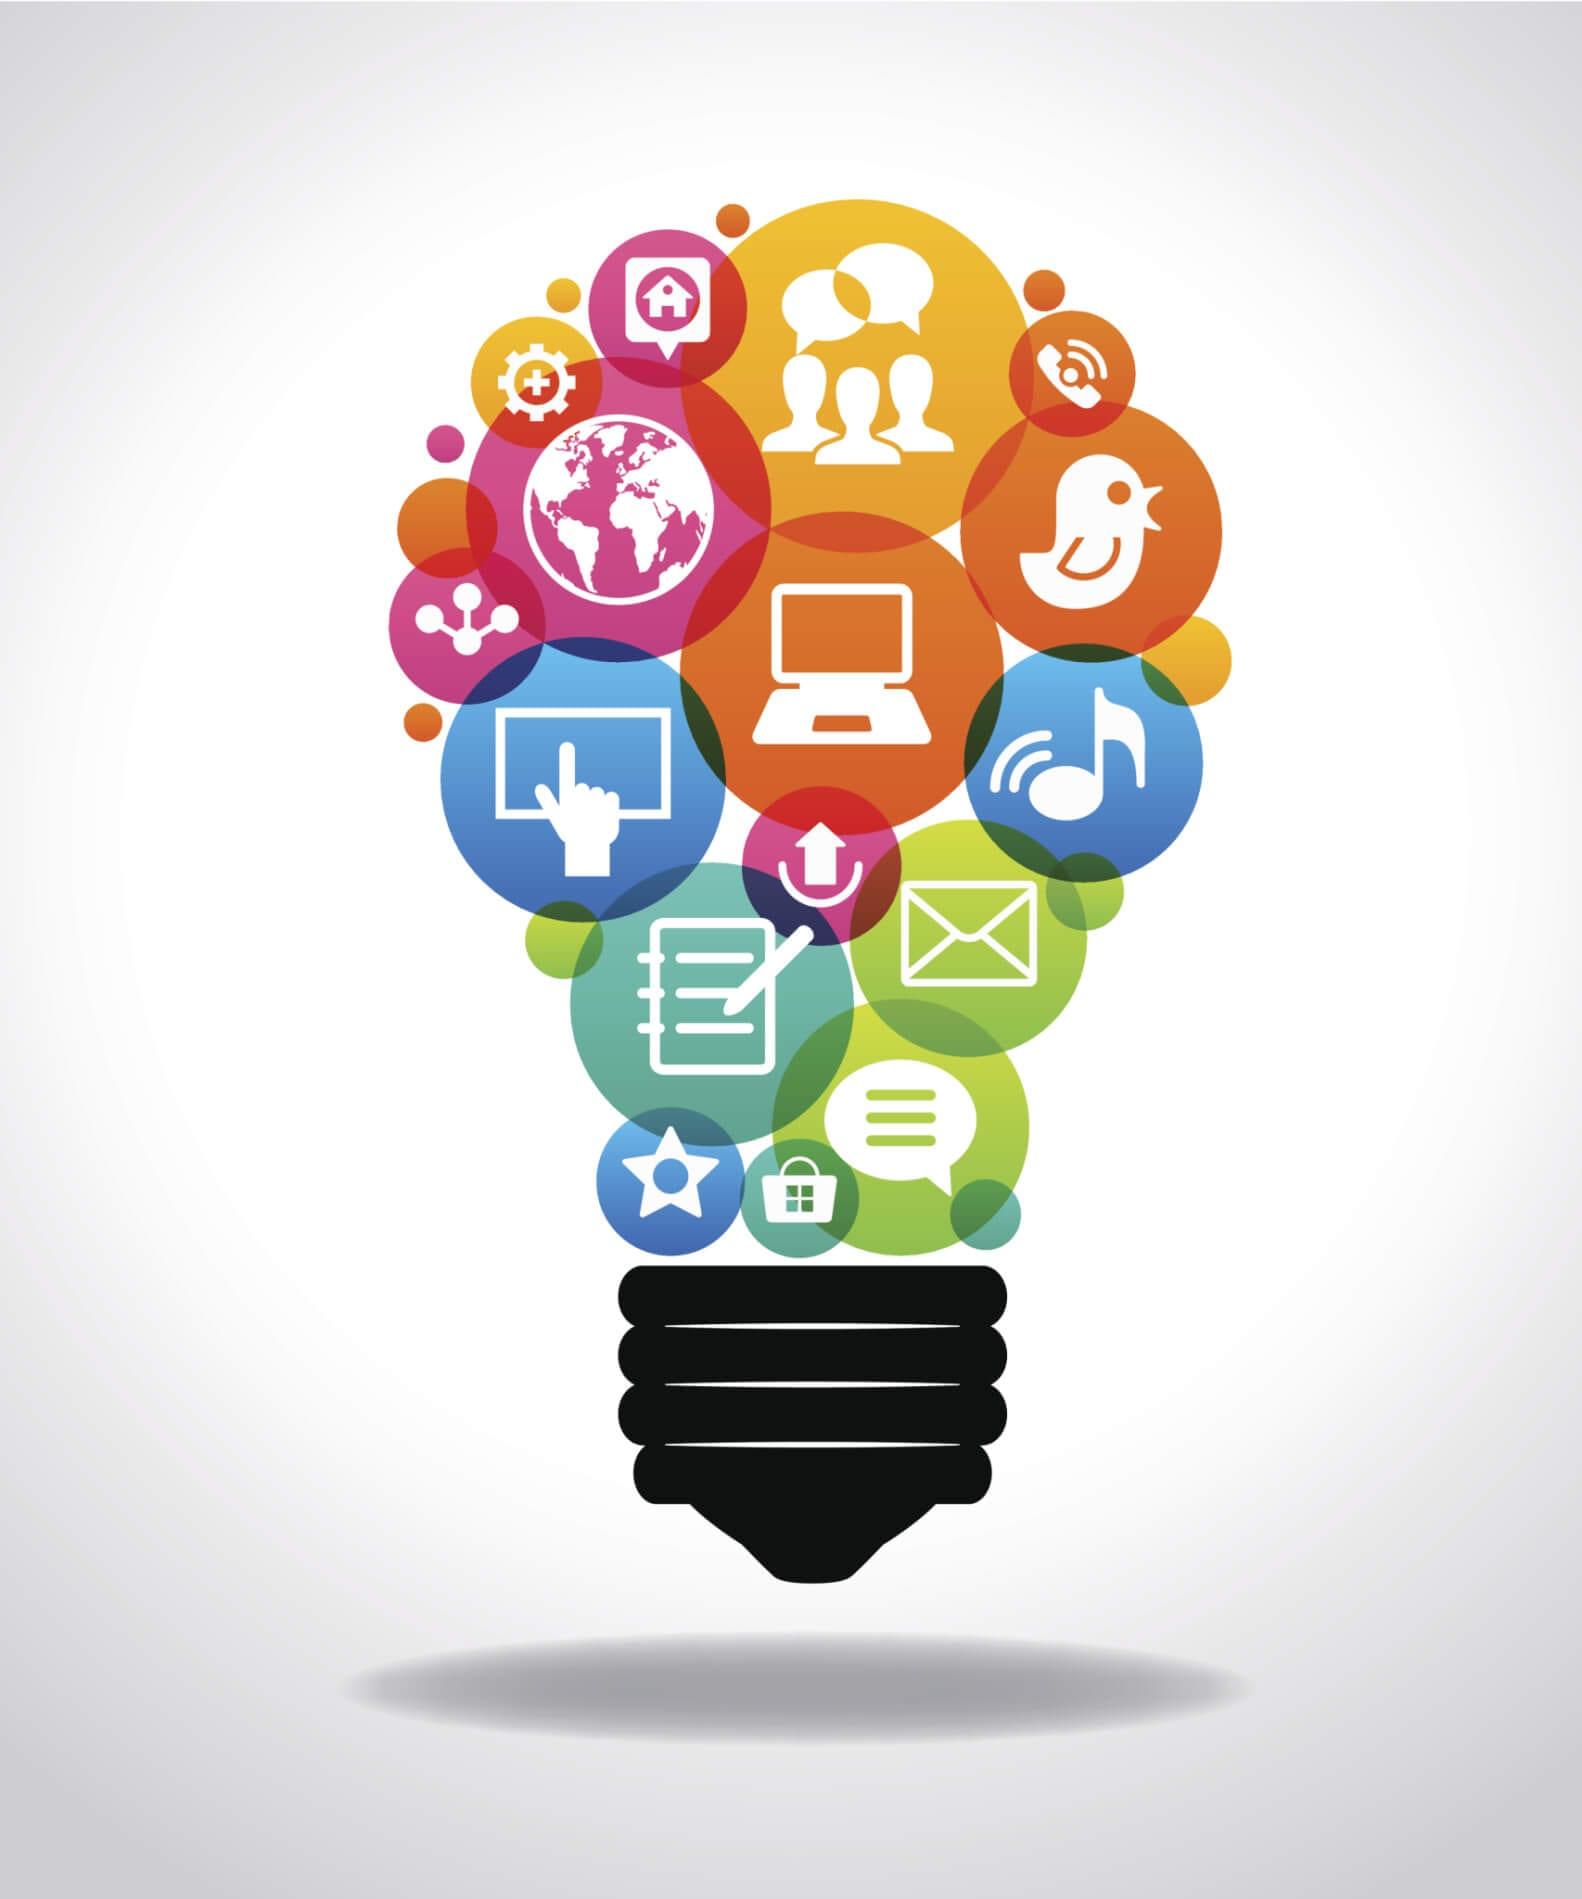 social media marketing ideas